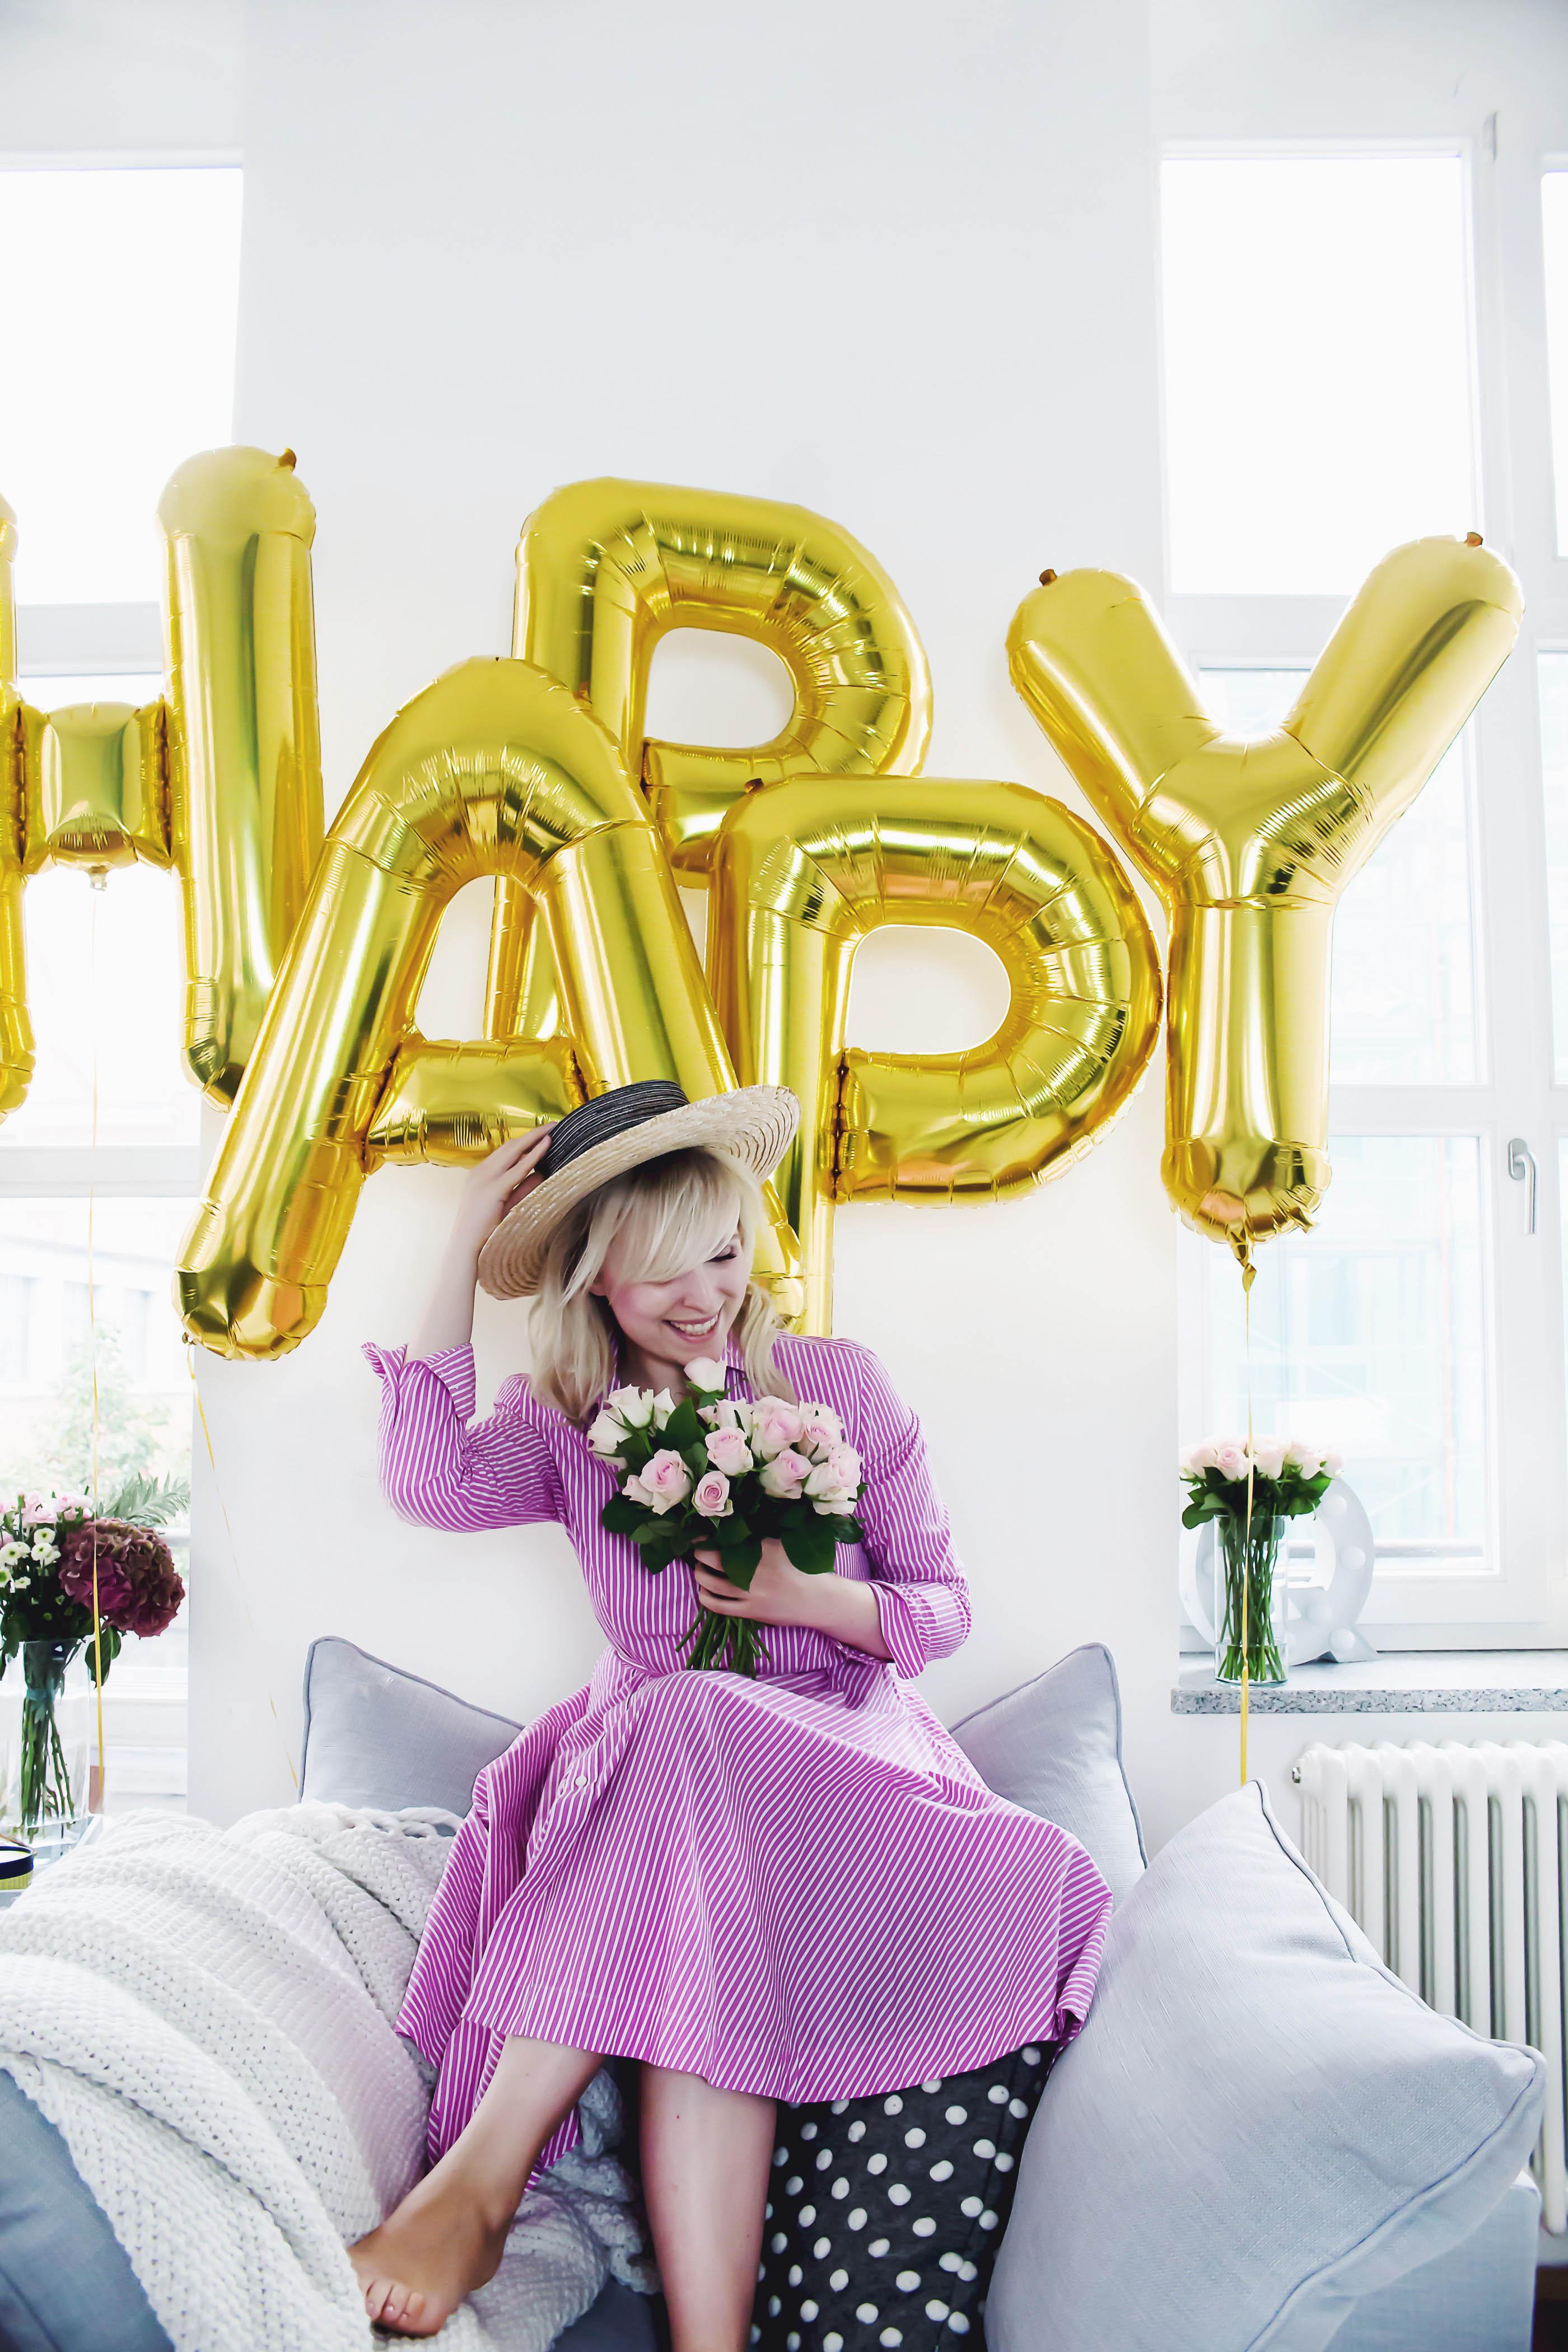 Ladies_Ikonen_marcopolo_streifenkleid_lastsummerdays_happygirl_birthday_sistermag